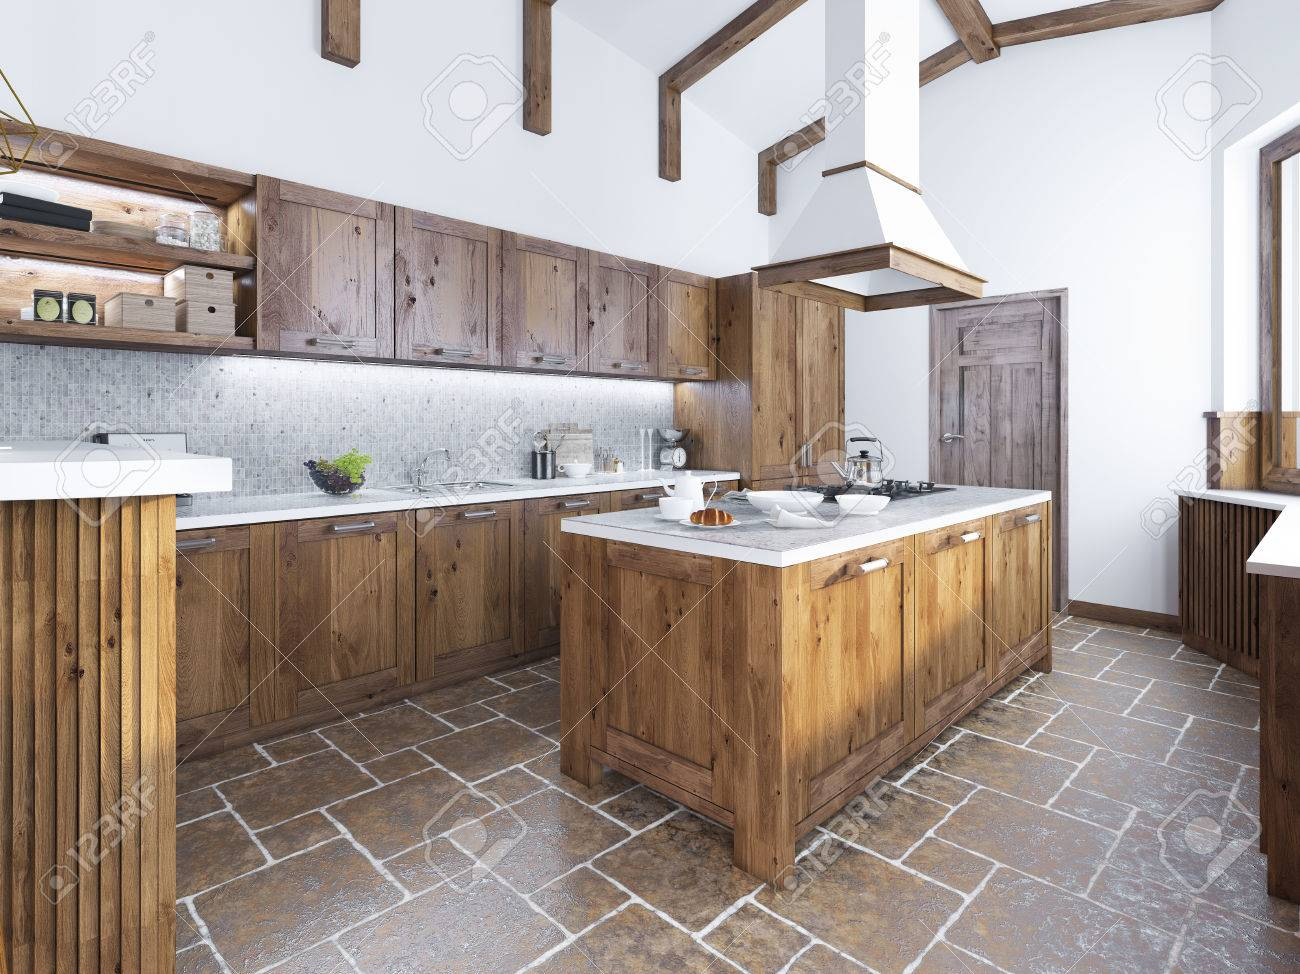 Cocina Moderna En El Estilo Loft. Isla De Cocina Con Una Capucha ...